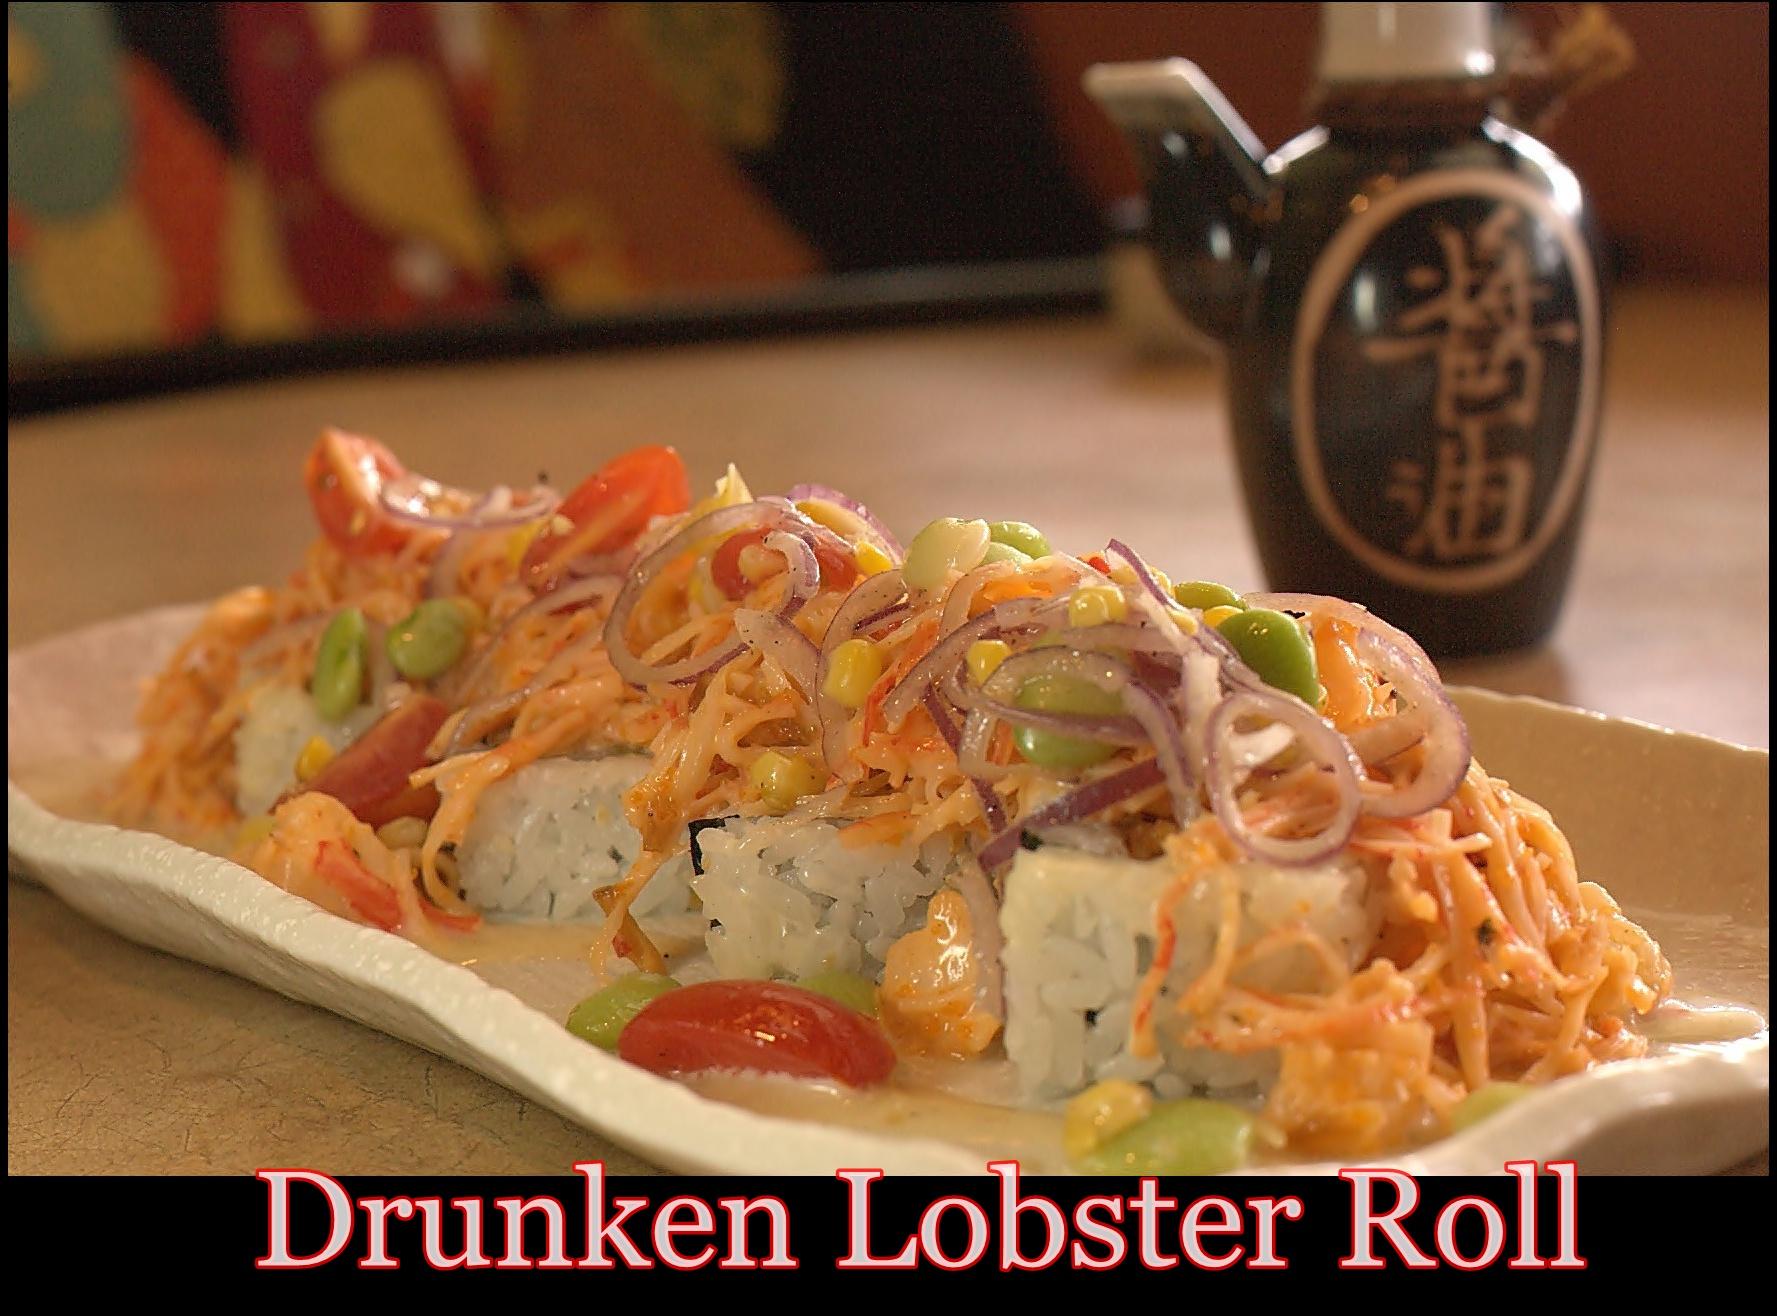 drunken lobster.jpg